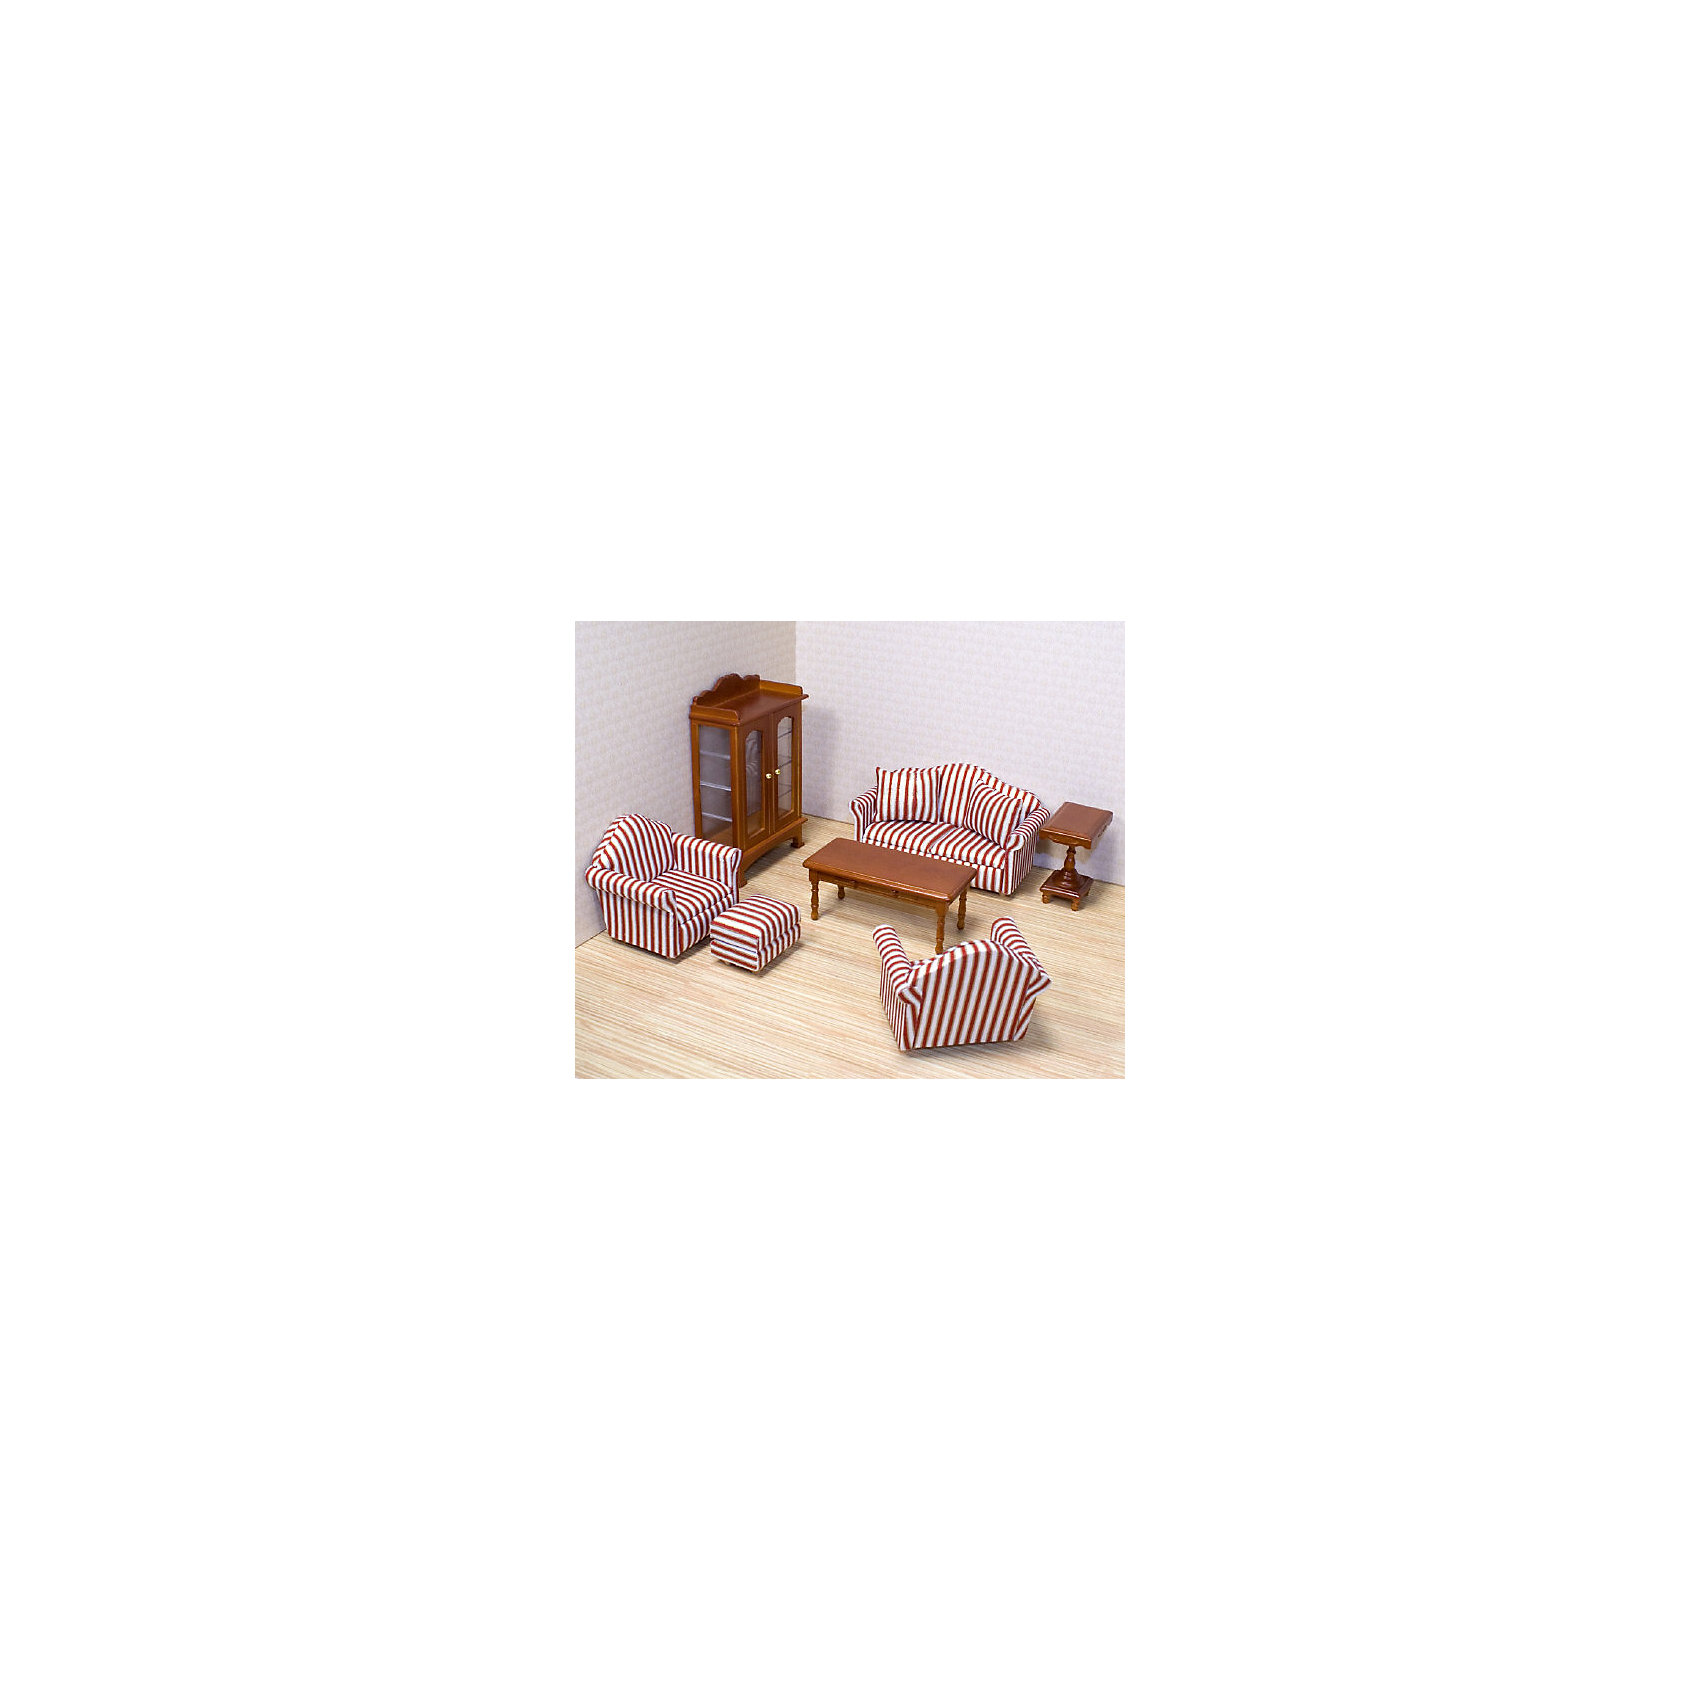 Мебель Гостинная (для викторианского дома), Melissa&amp;DougЭто так просто украсить вашу гостиную с помощью набора из 9 роскошных предметов мебели. Диван с приподнятым изголовьем и изящный шкаф - этот набор включает в себя достаточно предметов мебели, чтобы полностью обставить гостиную. Детально проработанная деревянная мебель ручной работы с обивкой, открывающимися ящиками и дверями! Набор идеально подходит для всех кукольных домов в масштабе 1:12 Размеры в упаковке: 22.8 x 27.9 x 8.4 см Возраст: от 6 лет<br><br>Ширина мм: 280<br>Глубина мм: 80<br>Высота мм: 230<br>Вес г: 635<br>Возраст от месяцев: 60<br>Возраст до месяцев: 192<br>Пол: Женский<br>Возраст: Детский<br>SKU: 4807390